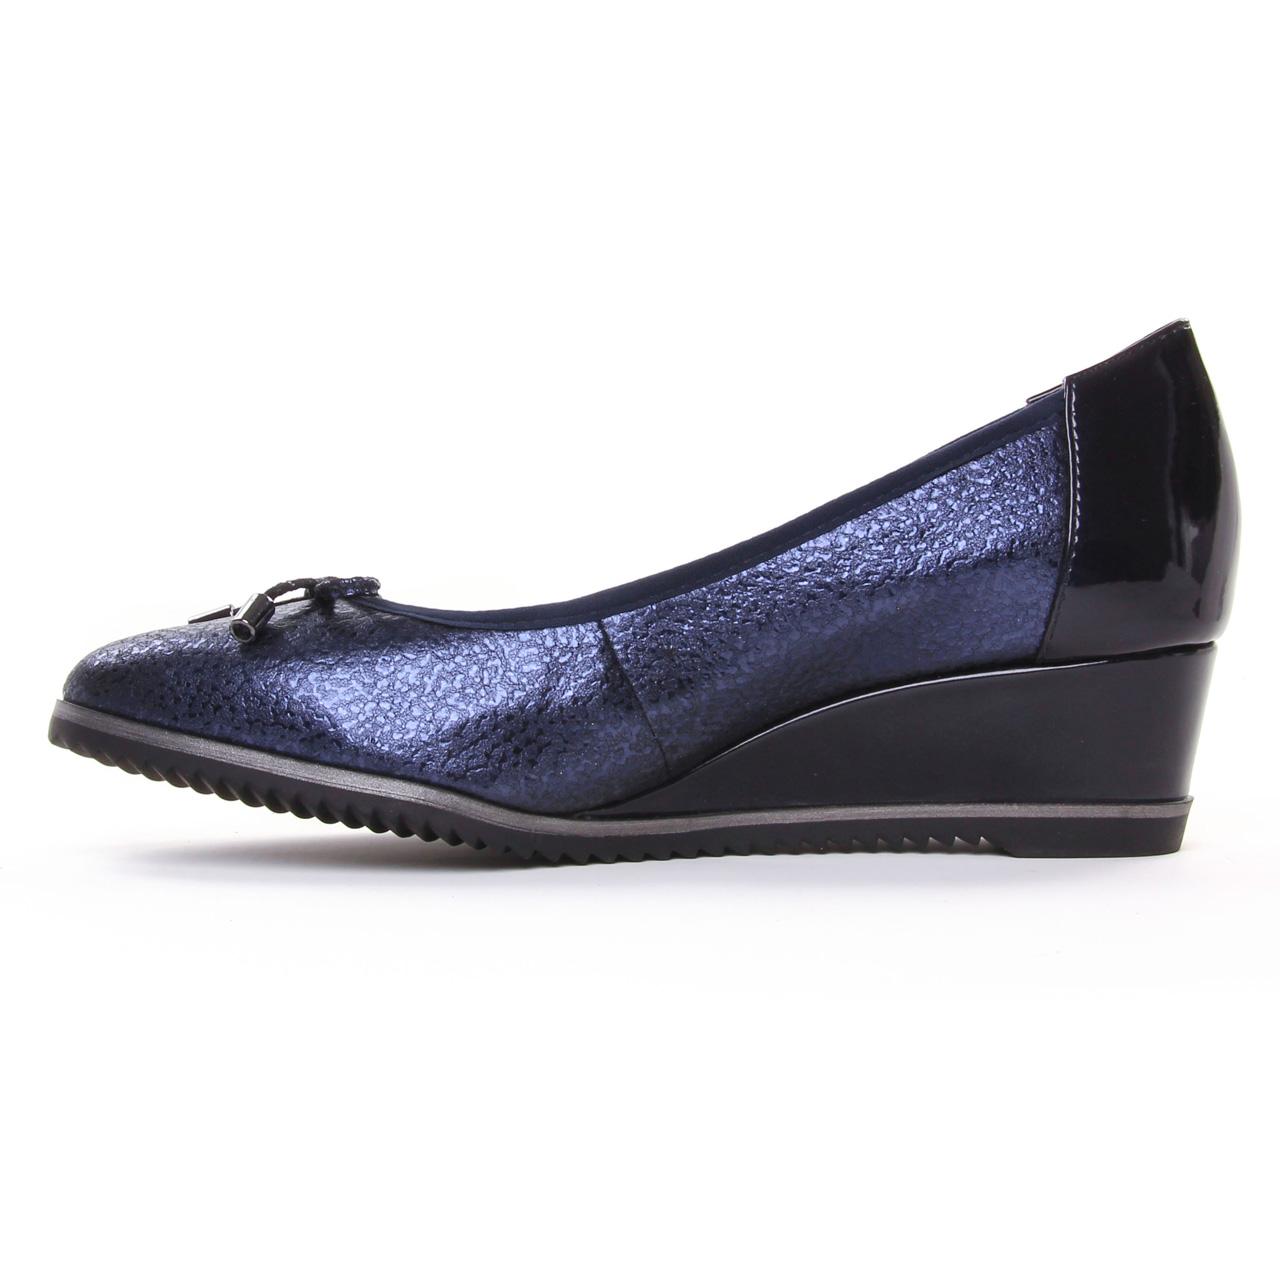 Tamaris Cuir synthétique Bleu Femme Ballerines Chaussures